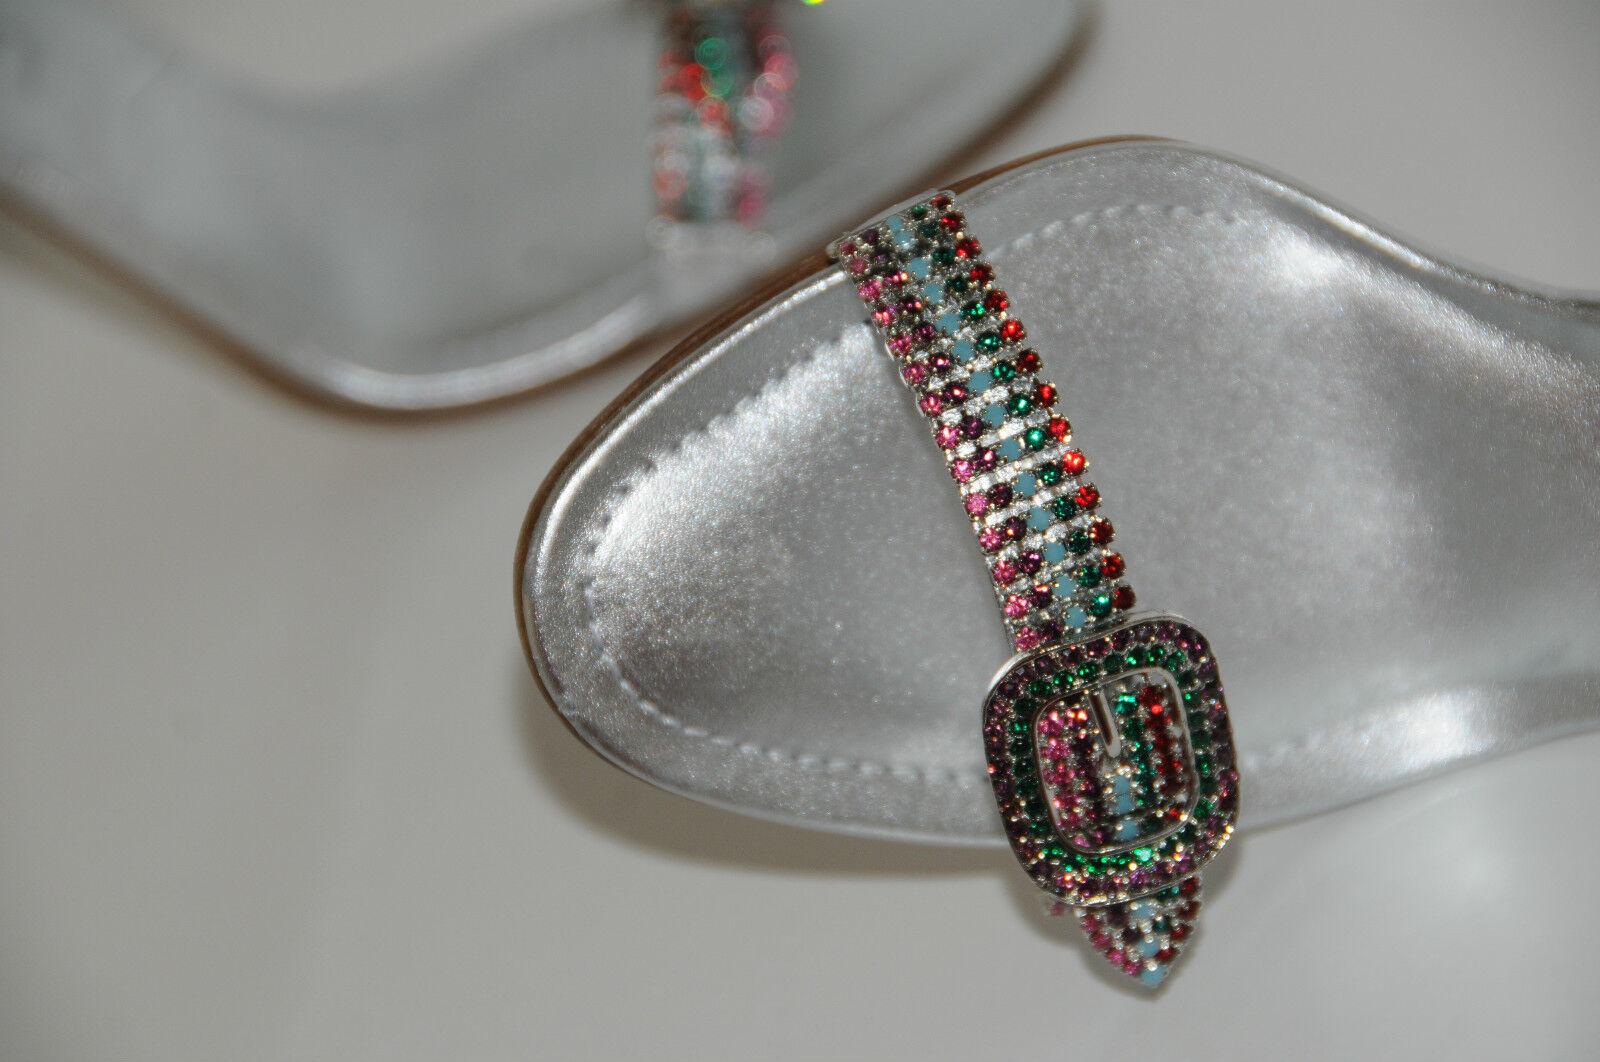 Nuovo Manolo Blahnik Ingioiellato Cristalli argentoo Janetba Scarpe 38.5 38.5 38.5 d70eef